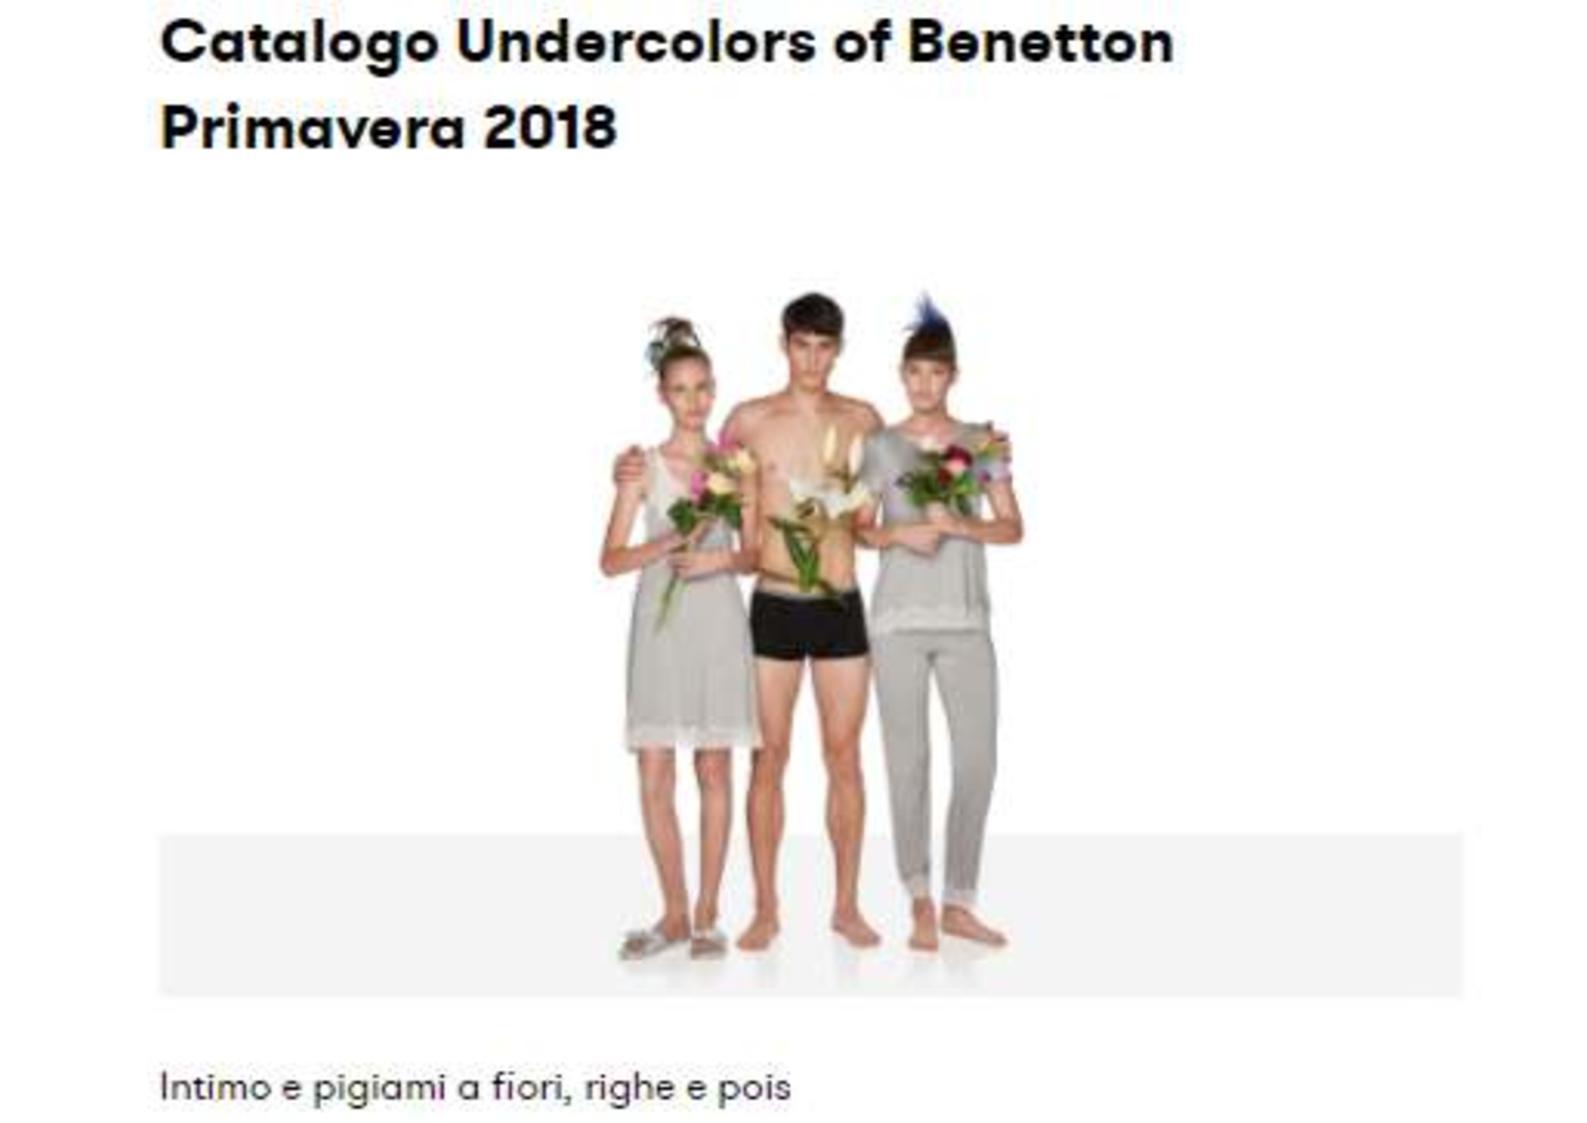 Benetton: Underwear Primavera 2018